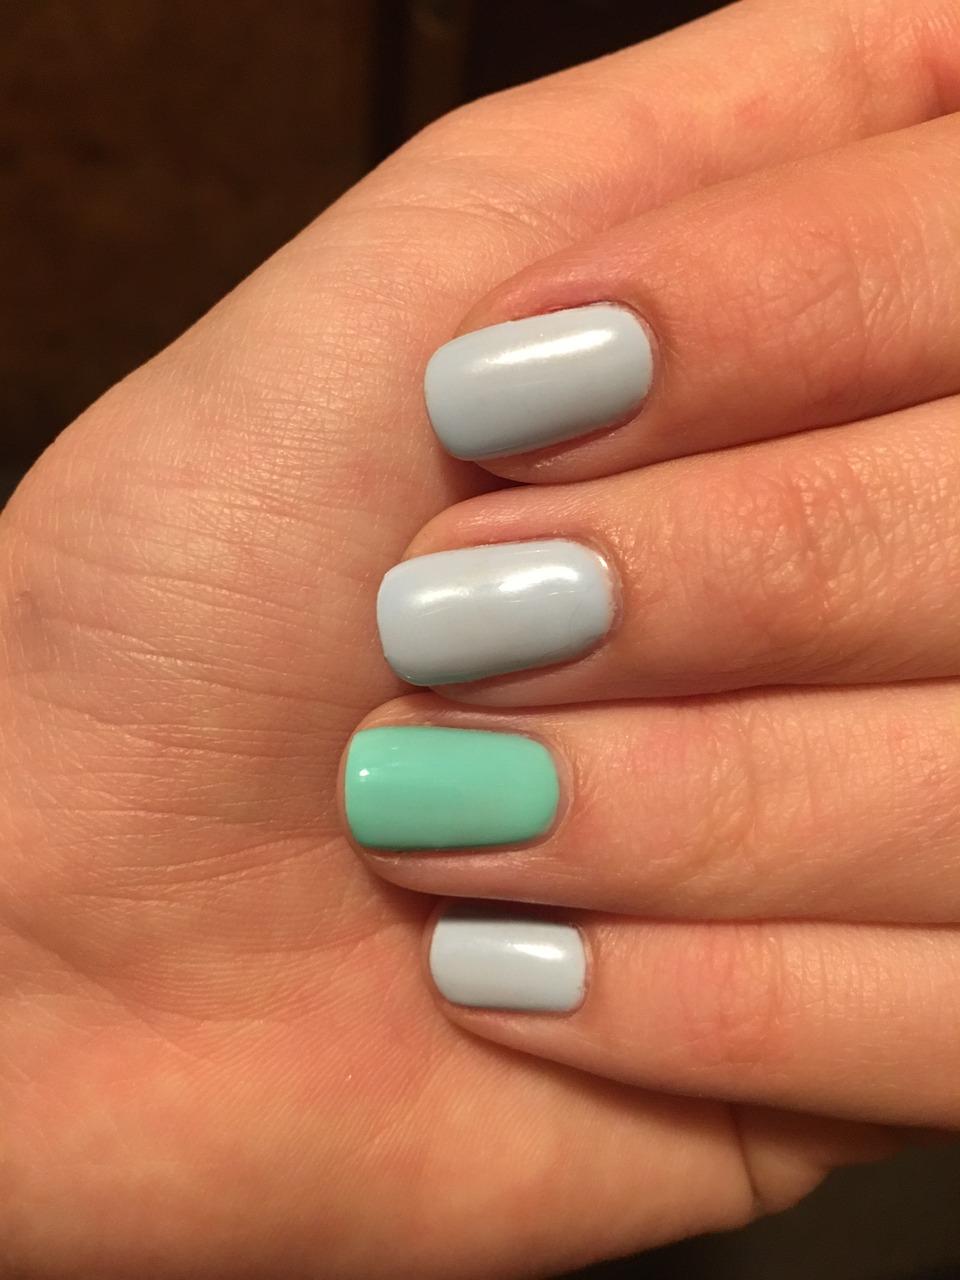 nails-1319687_1280